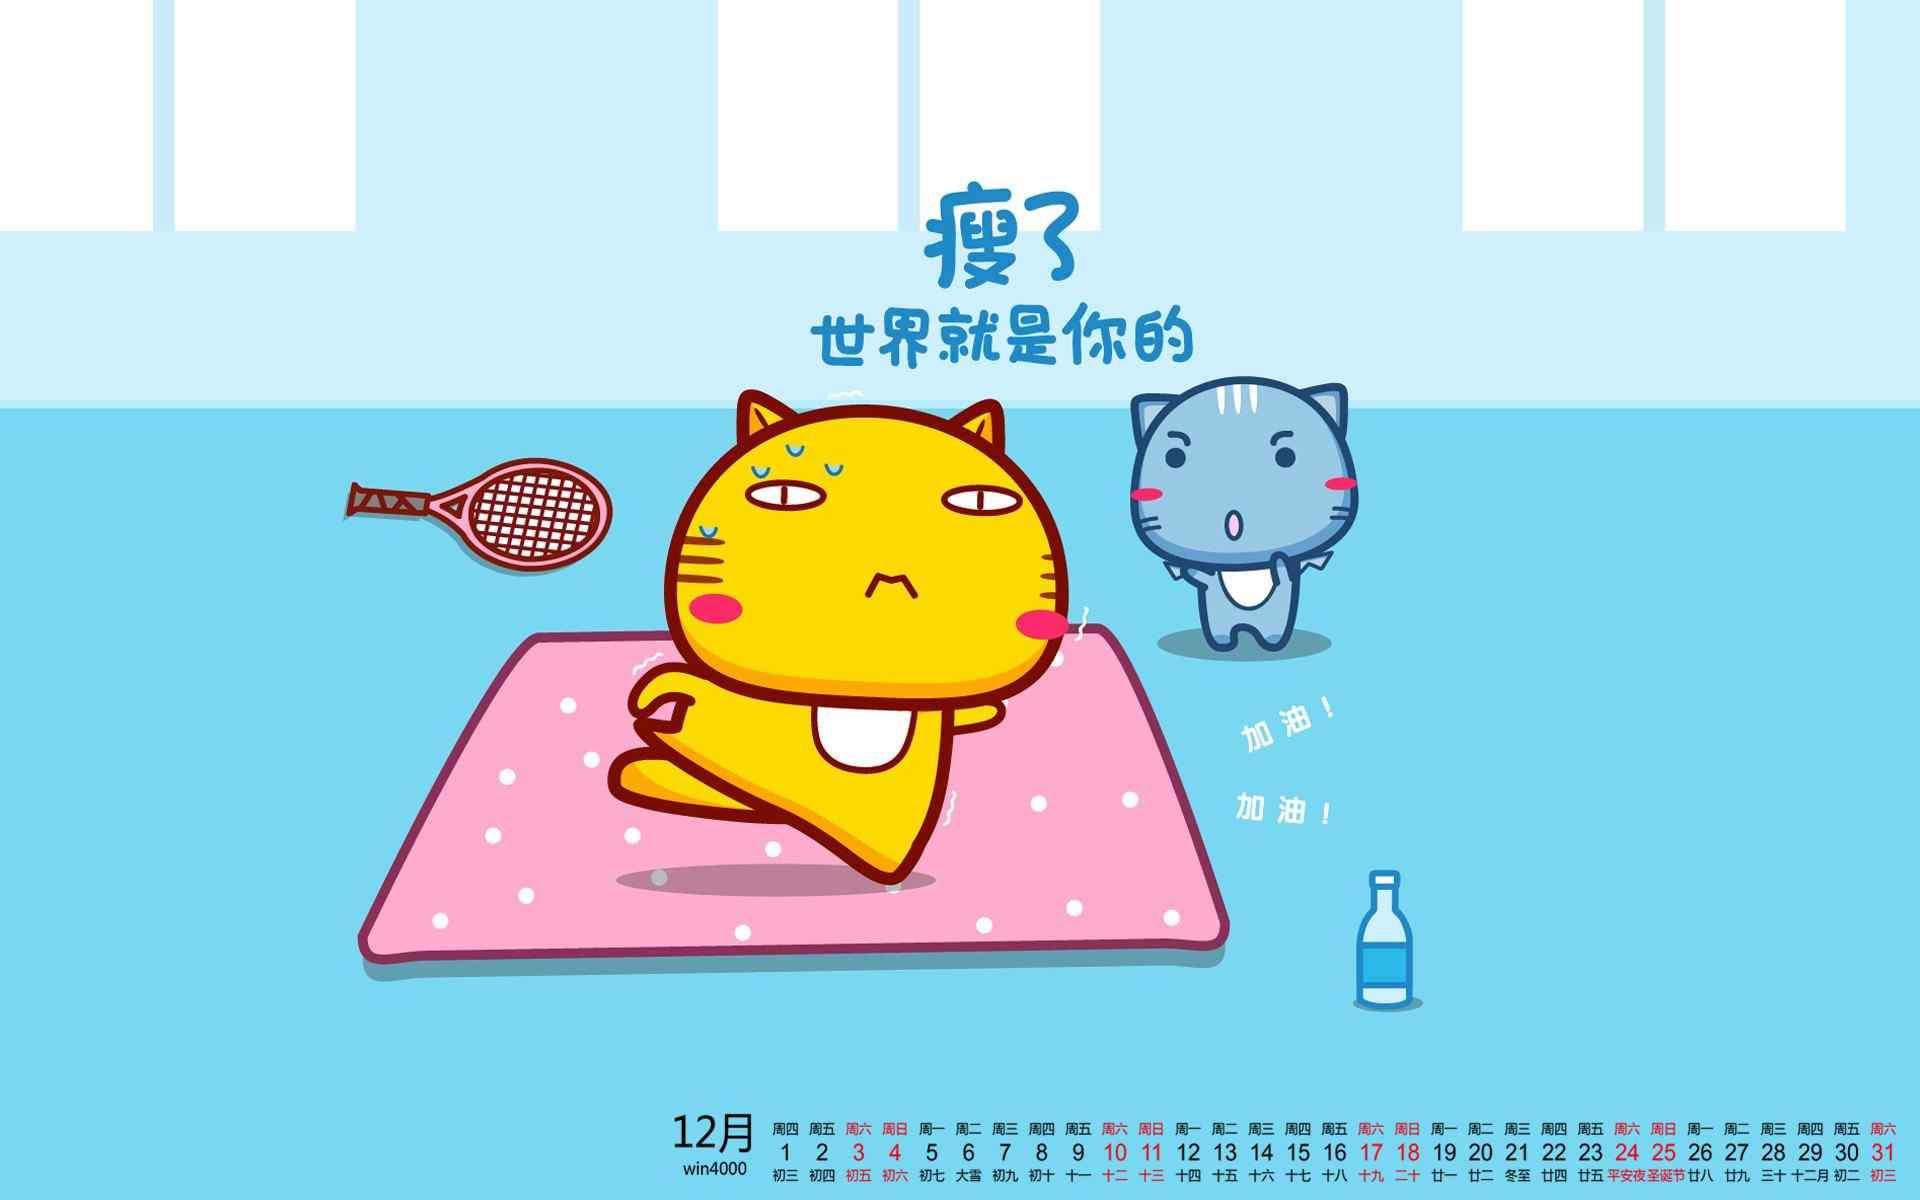 2016年12月日历减肥哈咪猫励志桌面壁纸